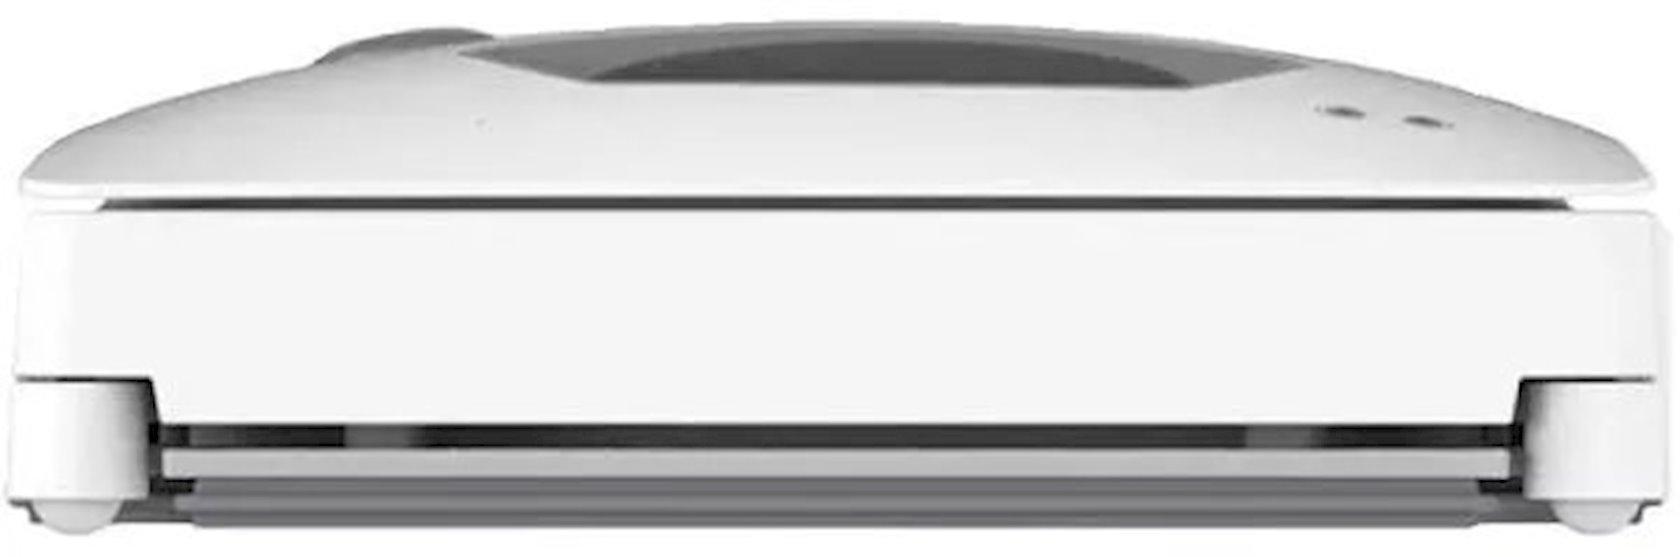 Robot-pəncərə yuyan Xiaomi HUTT W55